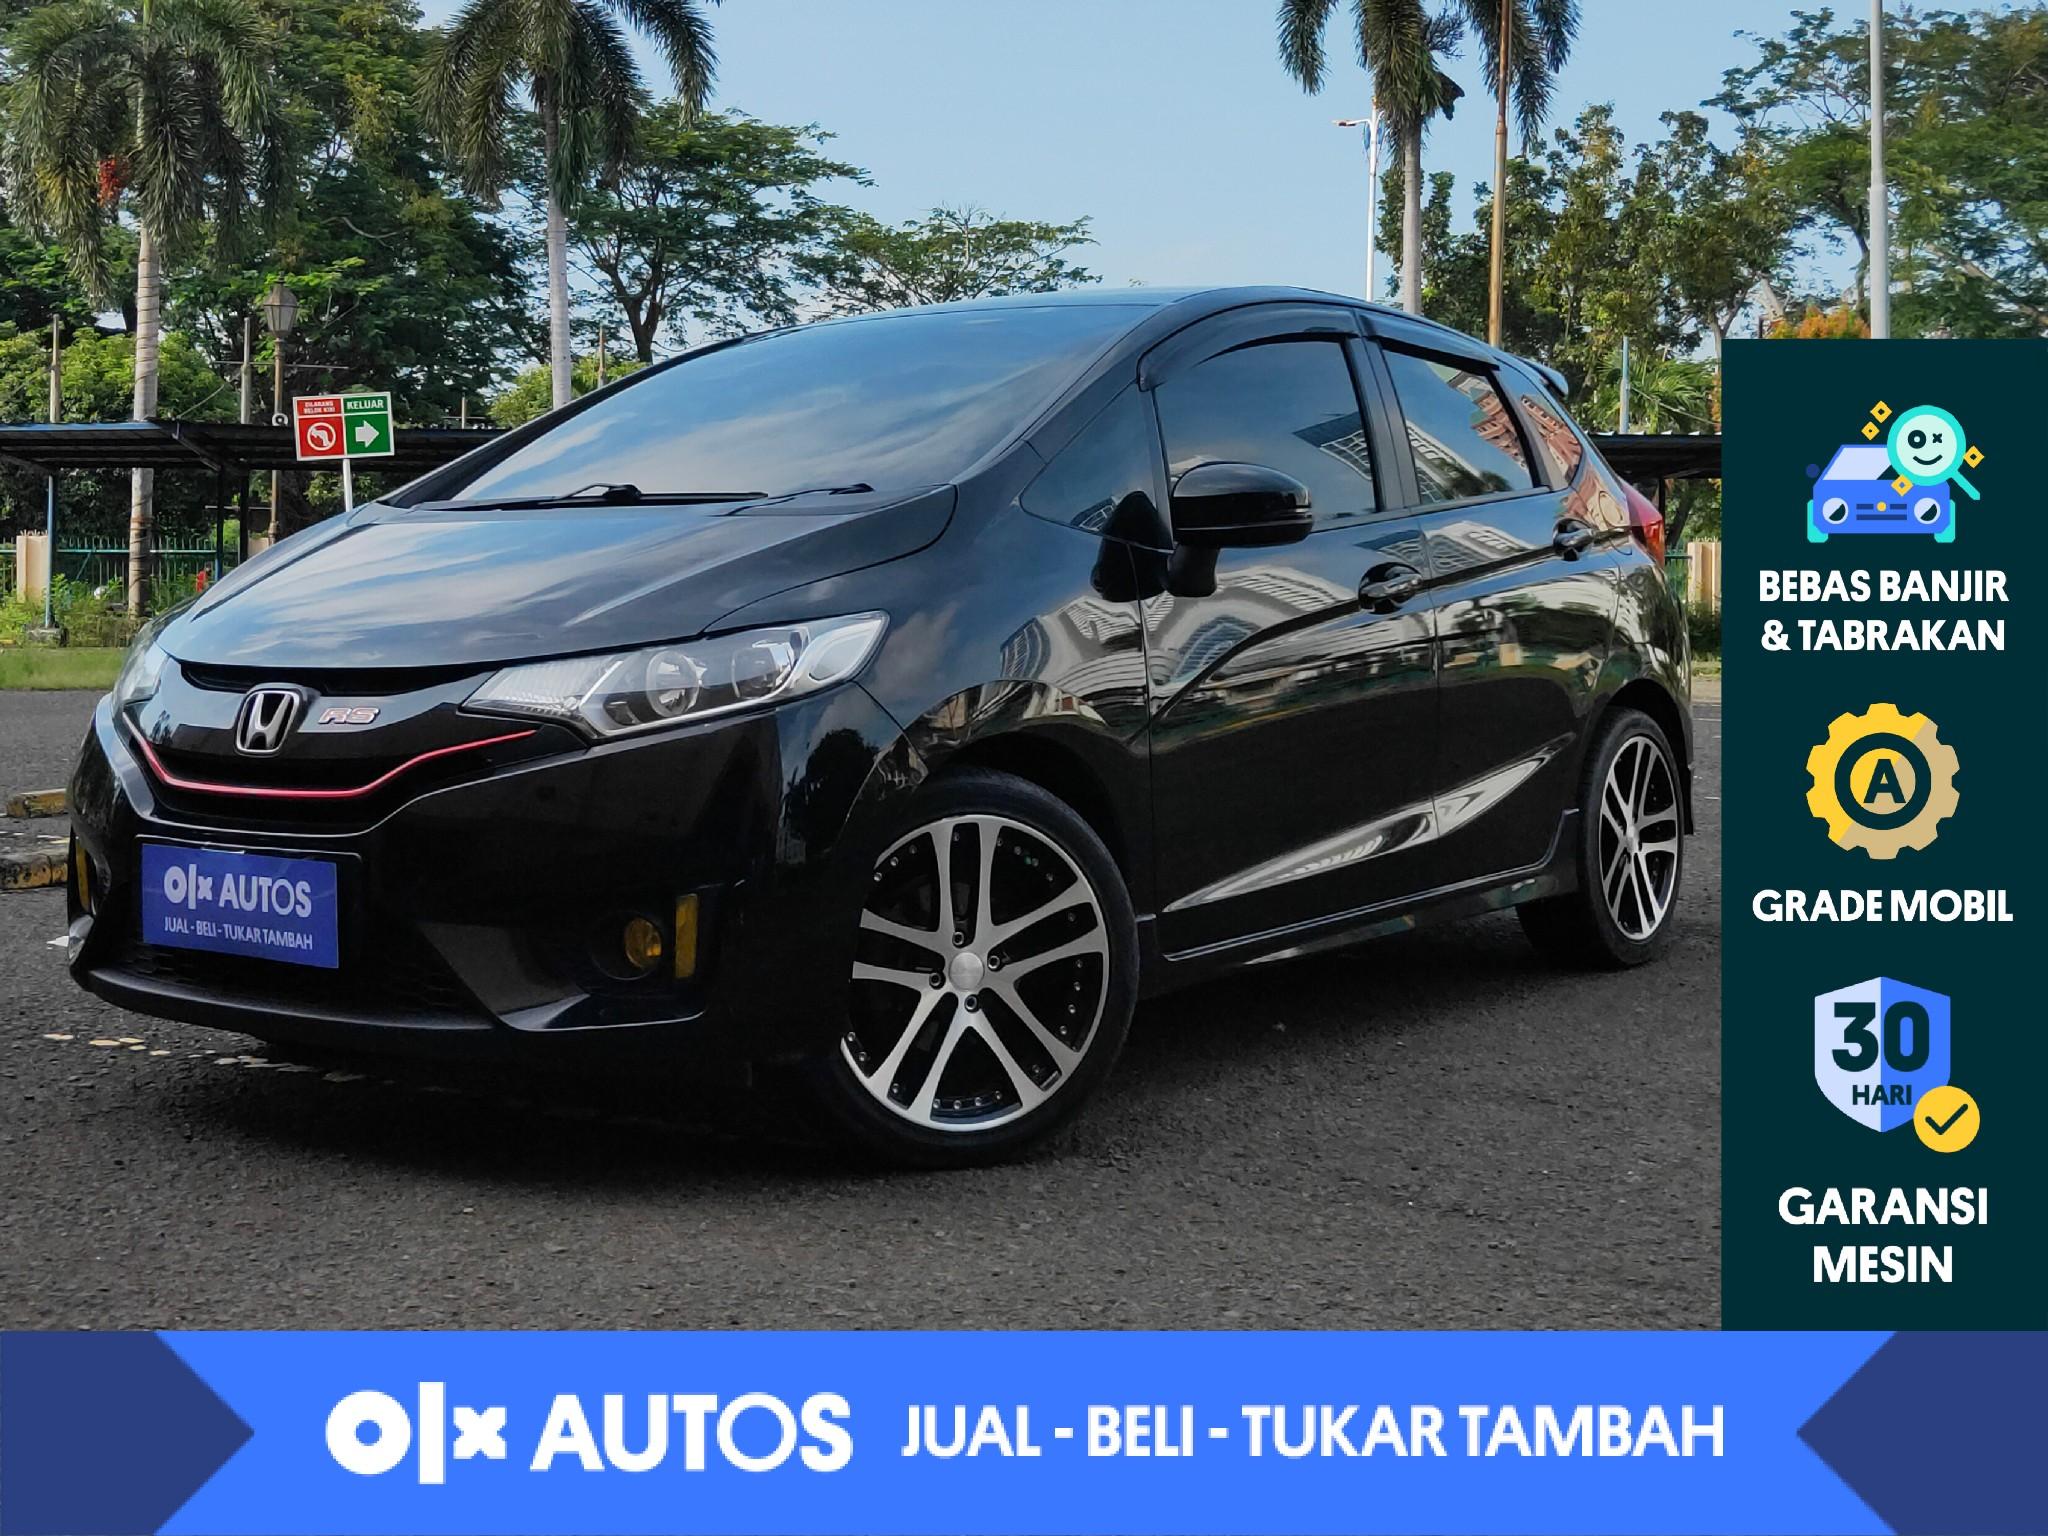 [OLX Autos] Honda Jazz 1.5 RS A/T 2016 Hitam